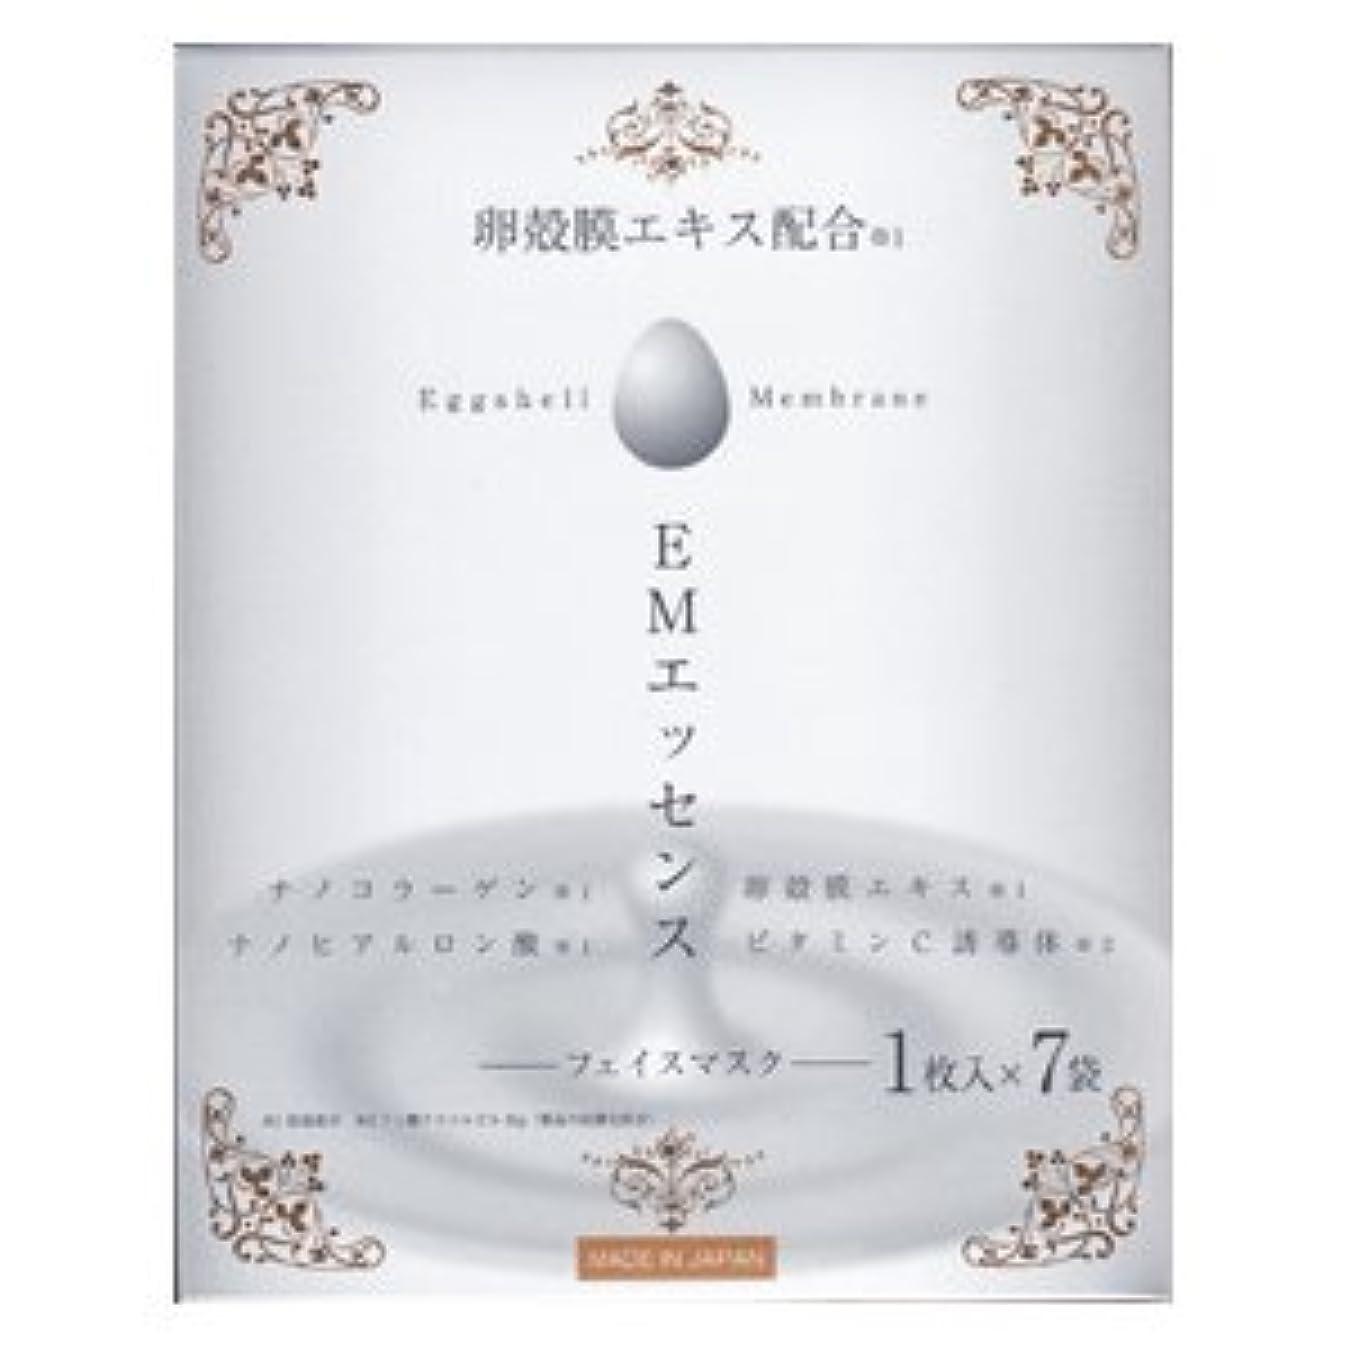 伝えるみがきます圧縮された卵殻膜エキス配合 EMエッセンス フェイスマスク 1枚入×7袋